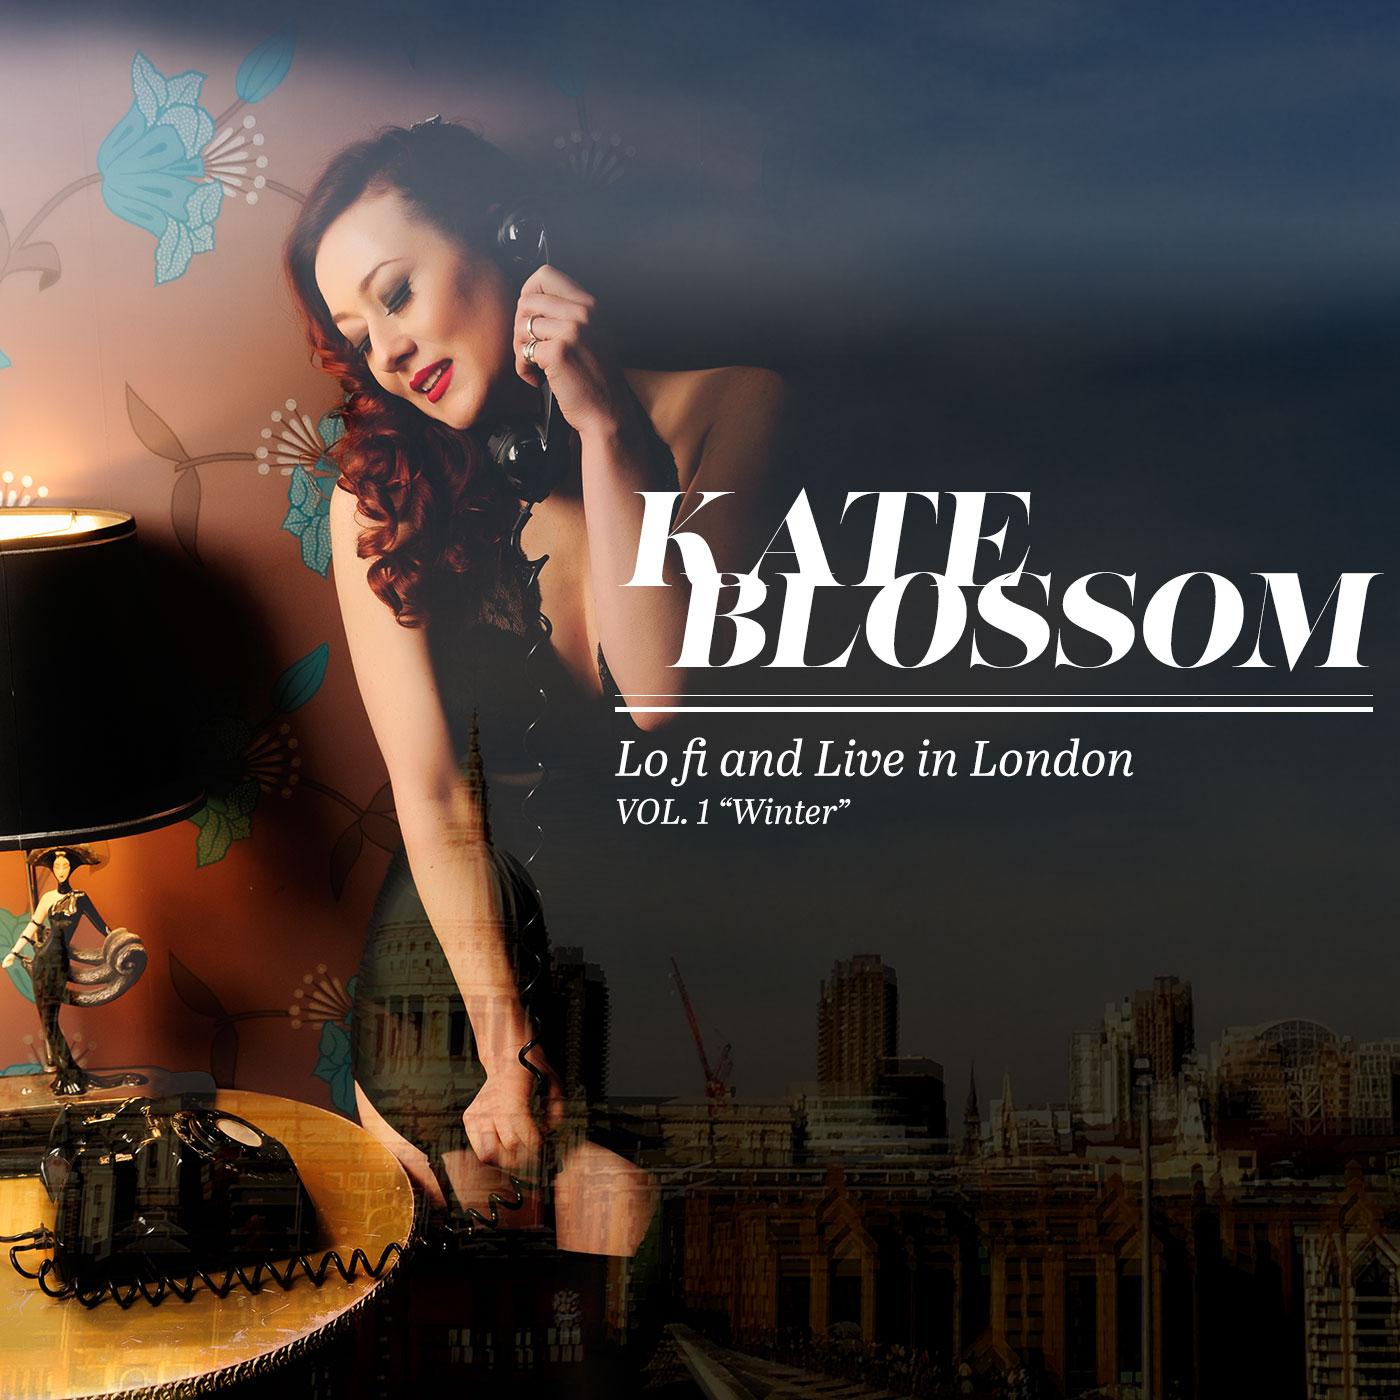 Kate Blossom